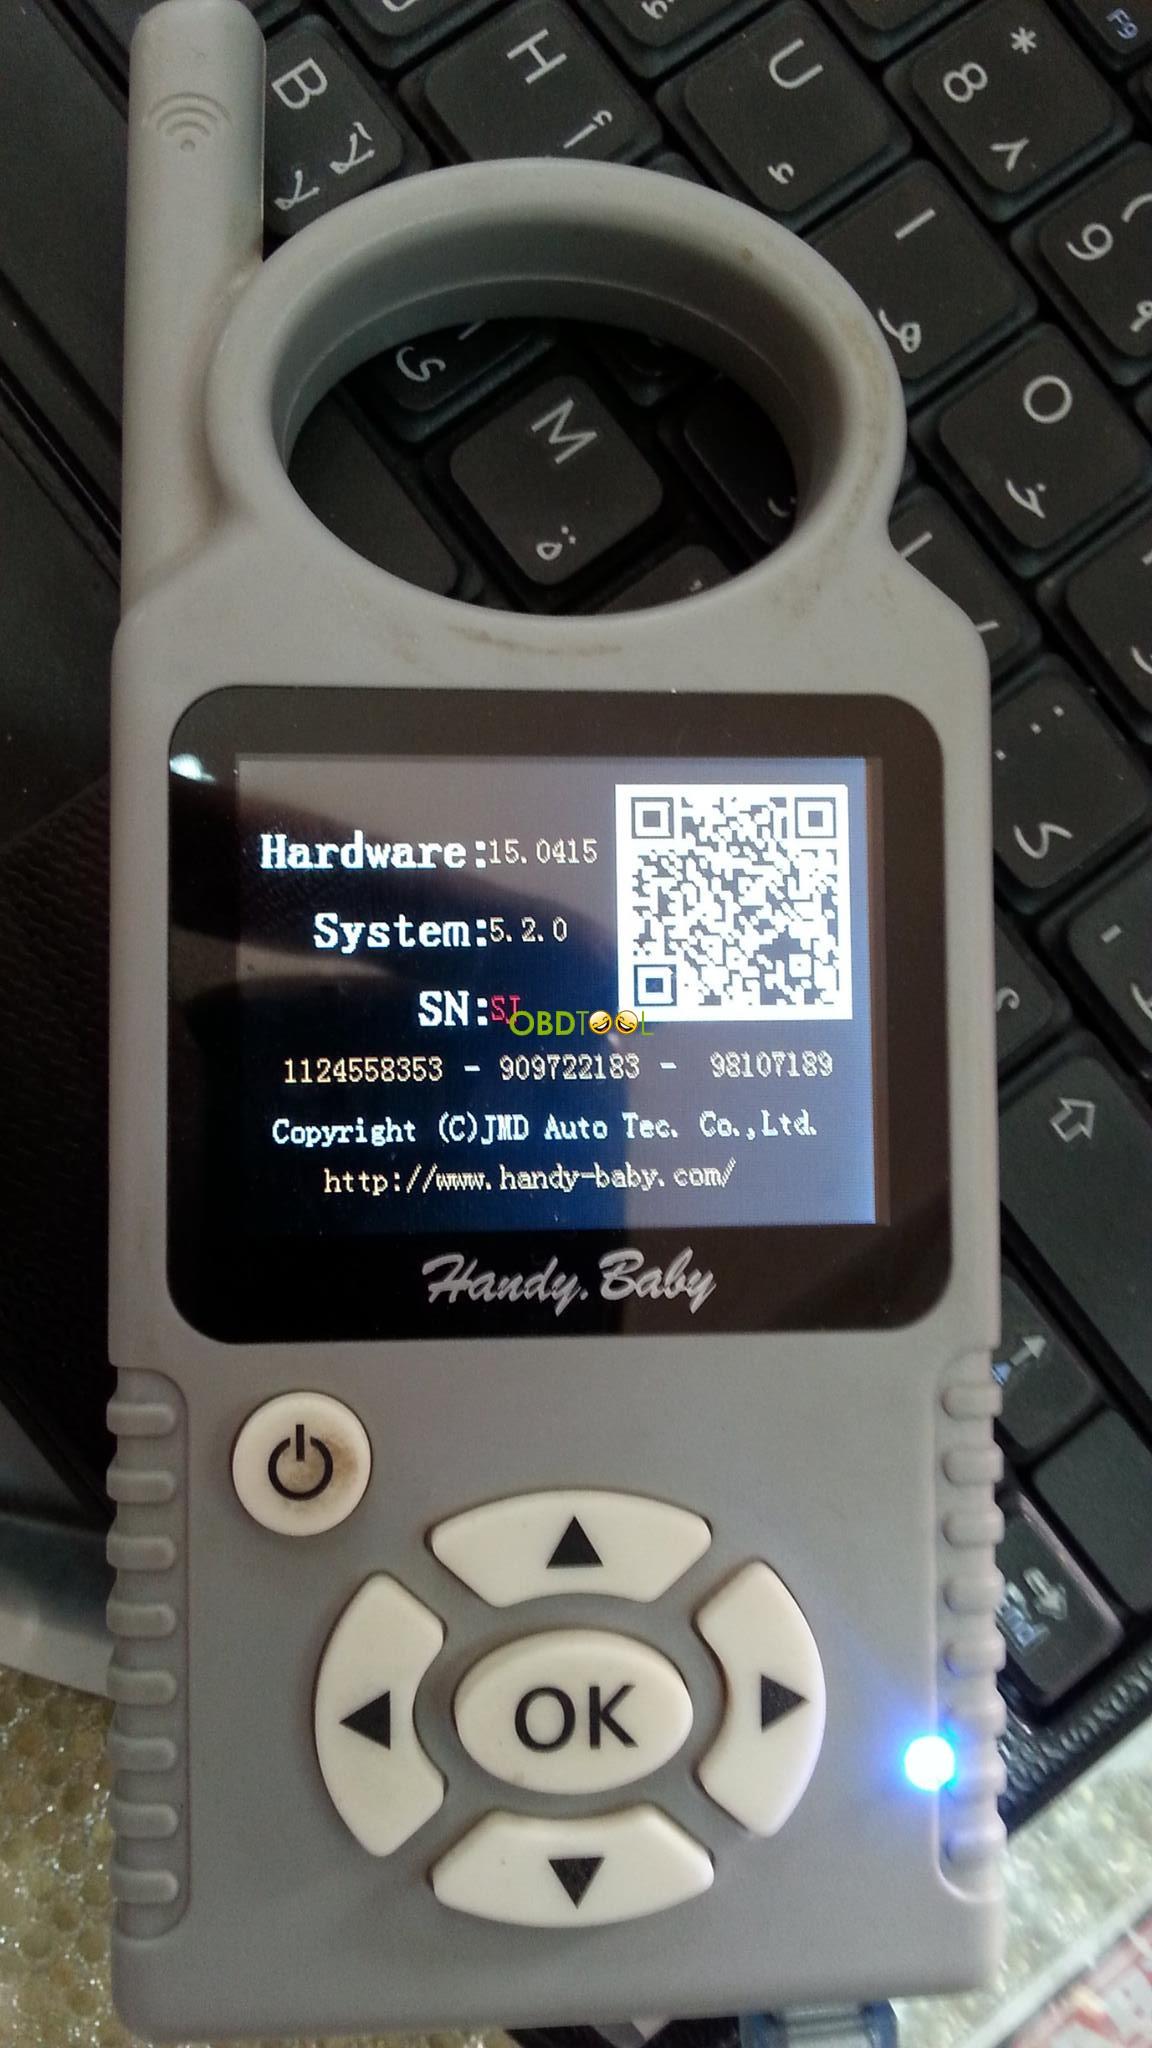 update-handy-baby-5.2.0 (4)